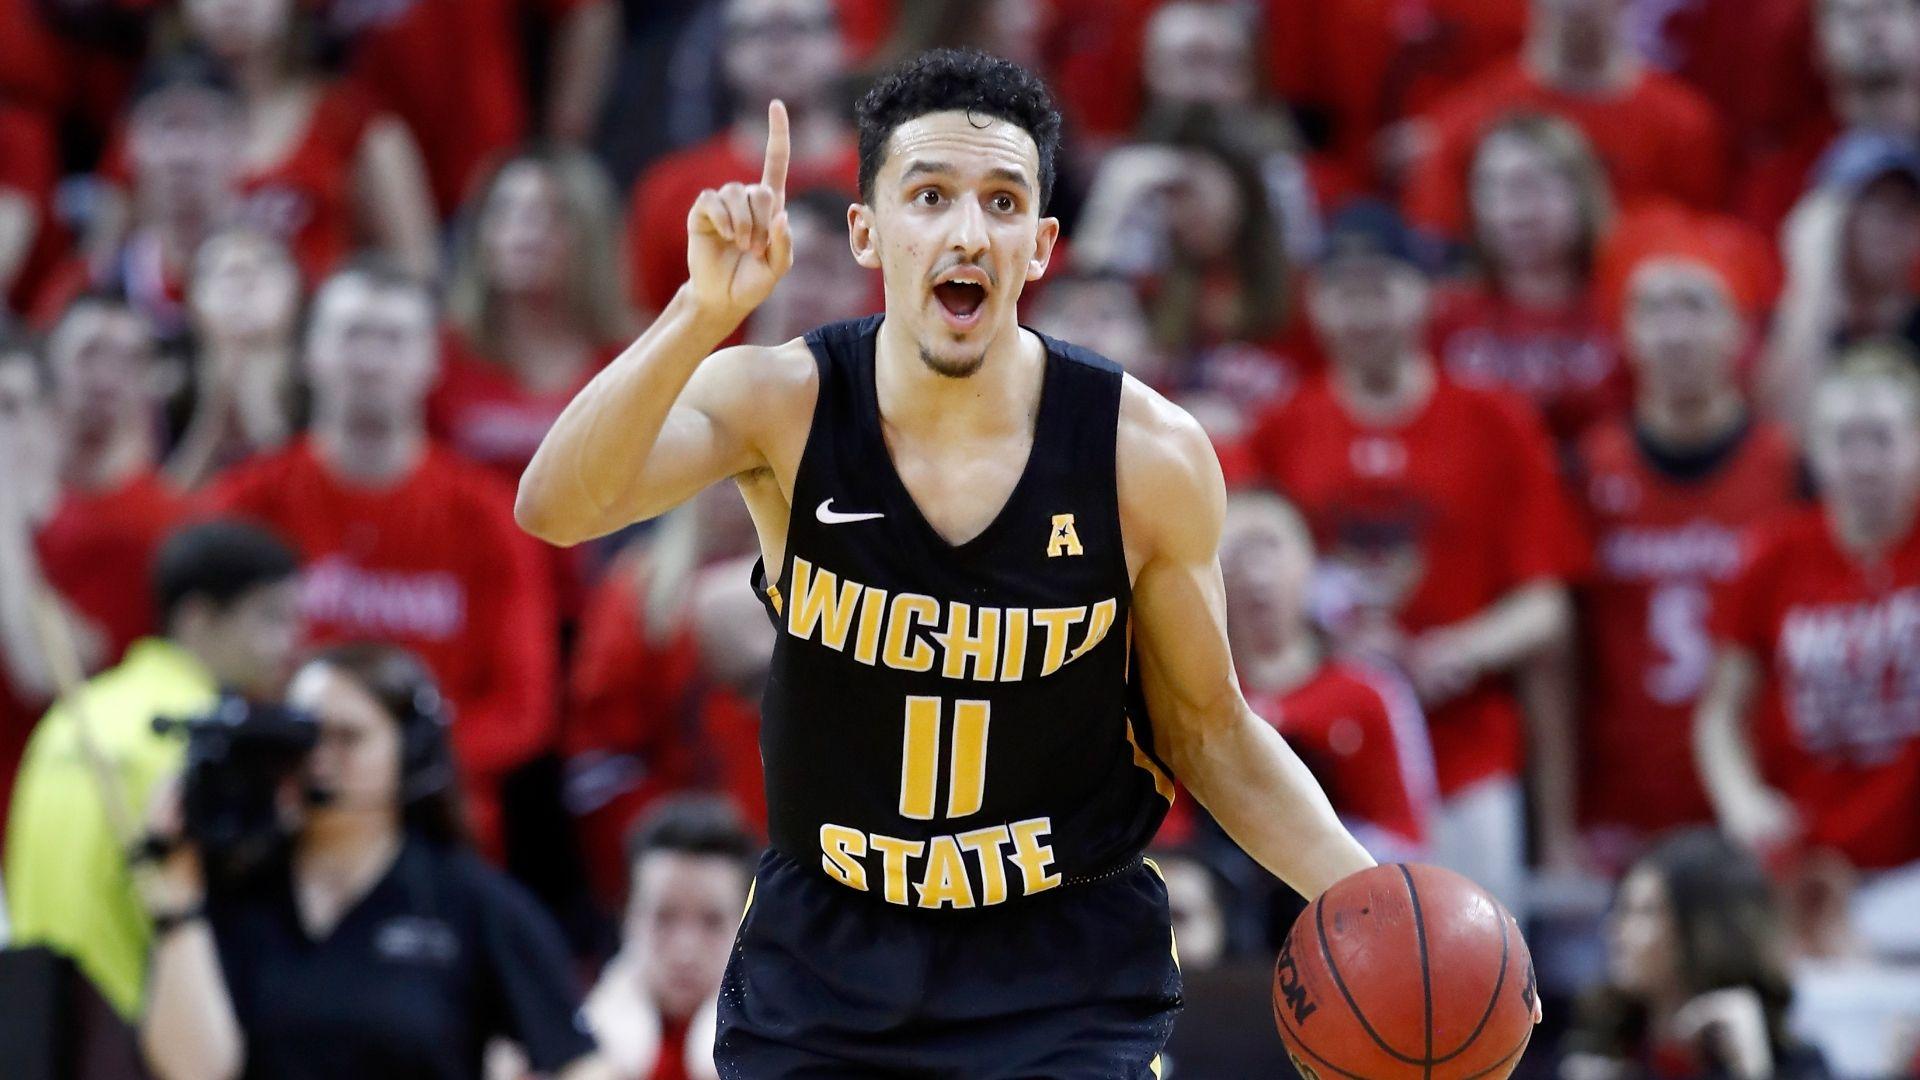 Wichita State snaps Cincinnati's home win streak